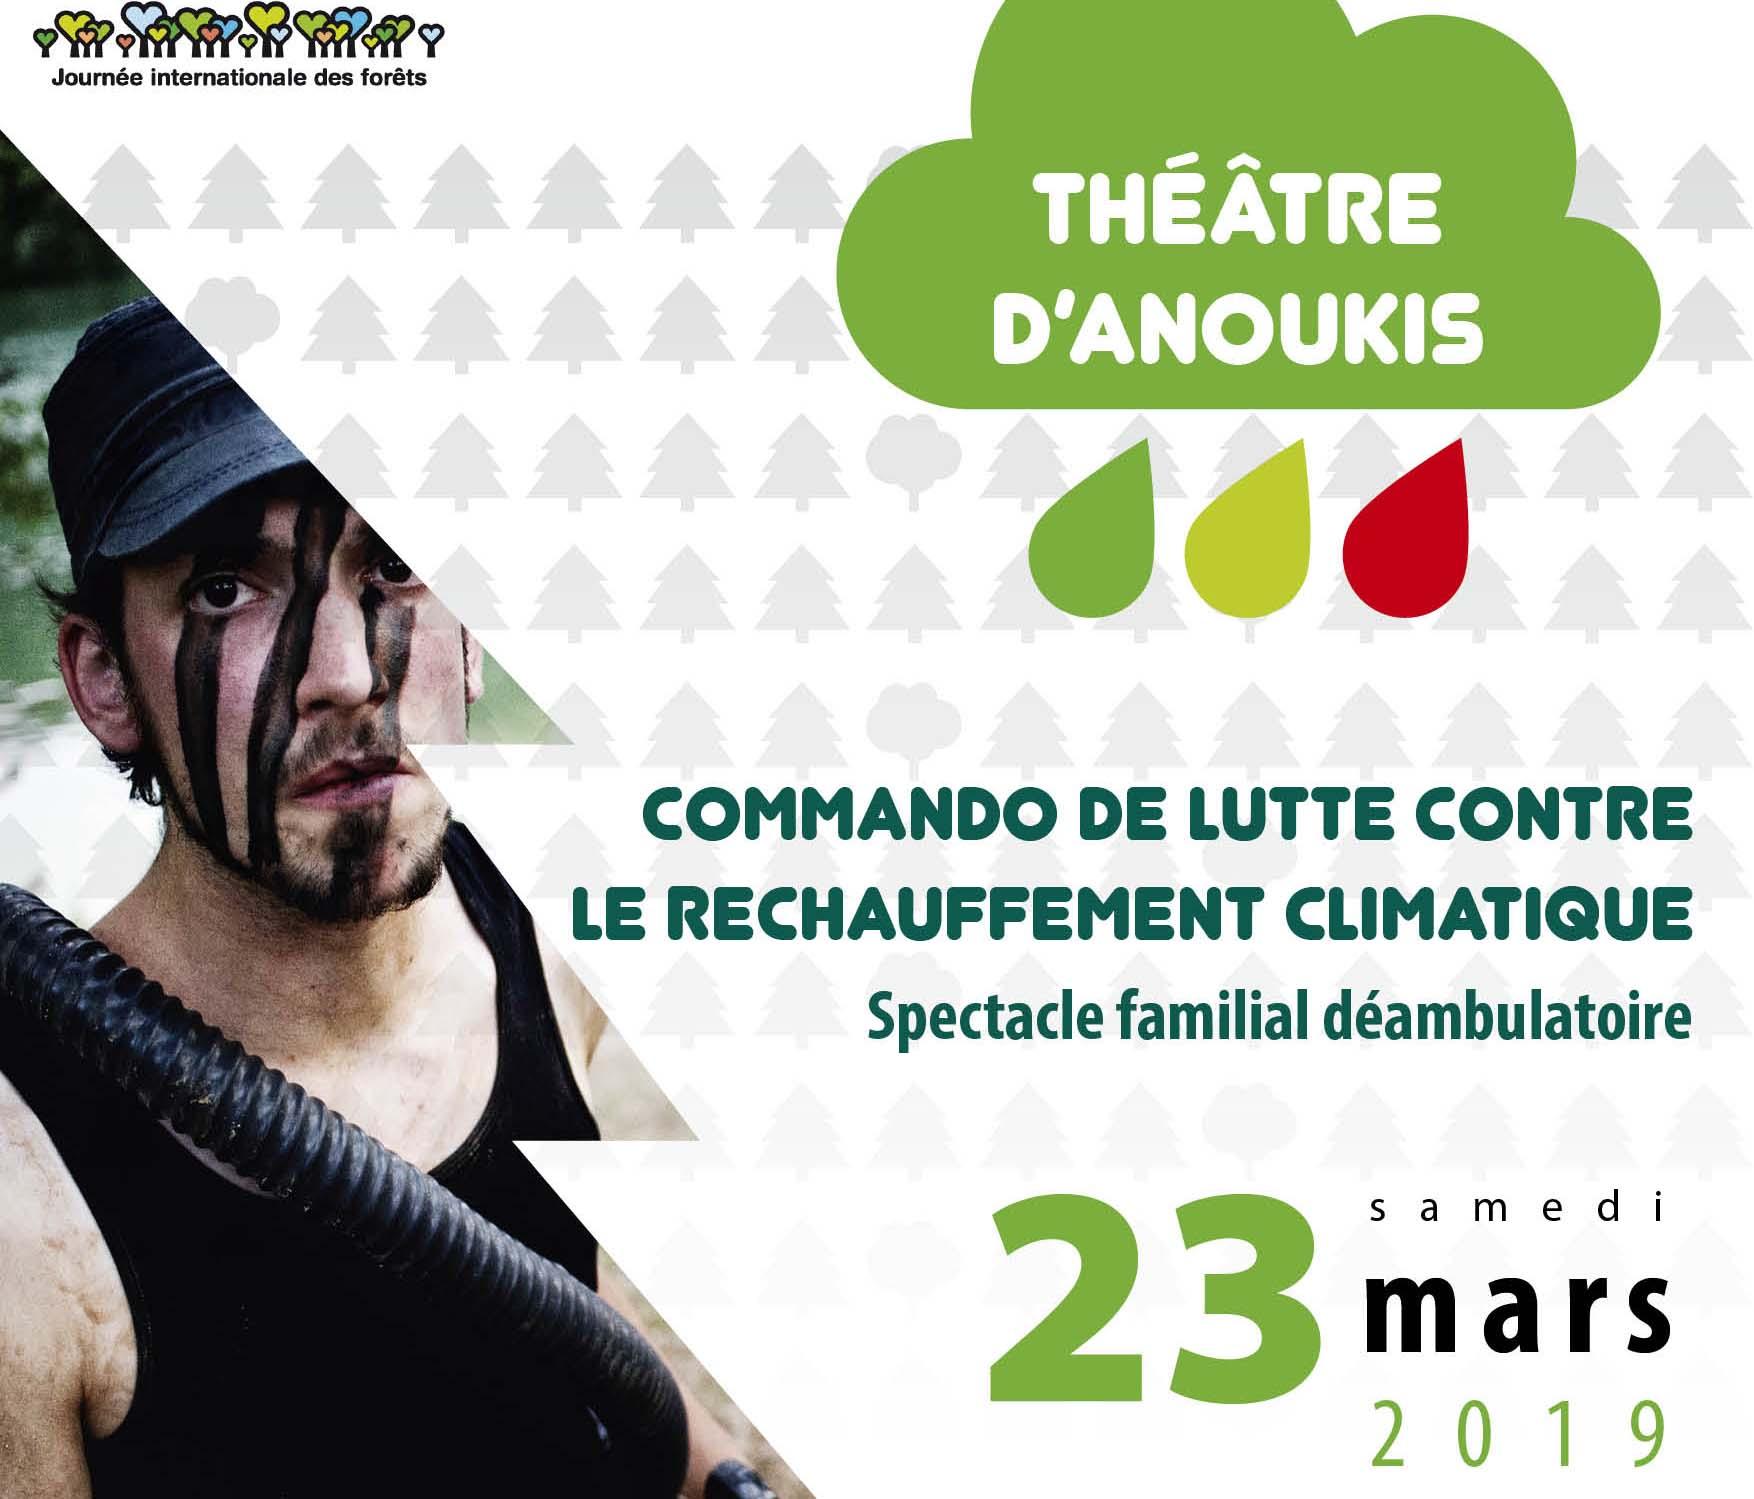 Vignette du Spectacle Opération commando climatique en Haut-Languedoc, pour la Journée internationale des Forêts dans le Pnr Haut-Languedoc